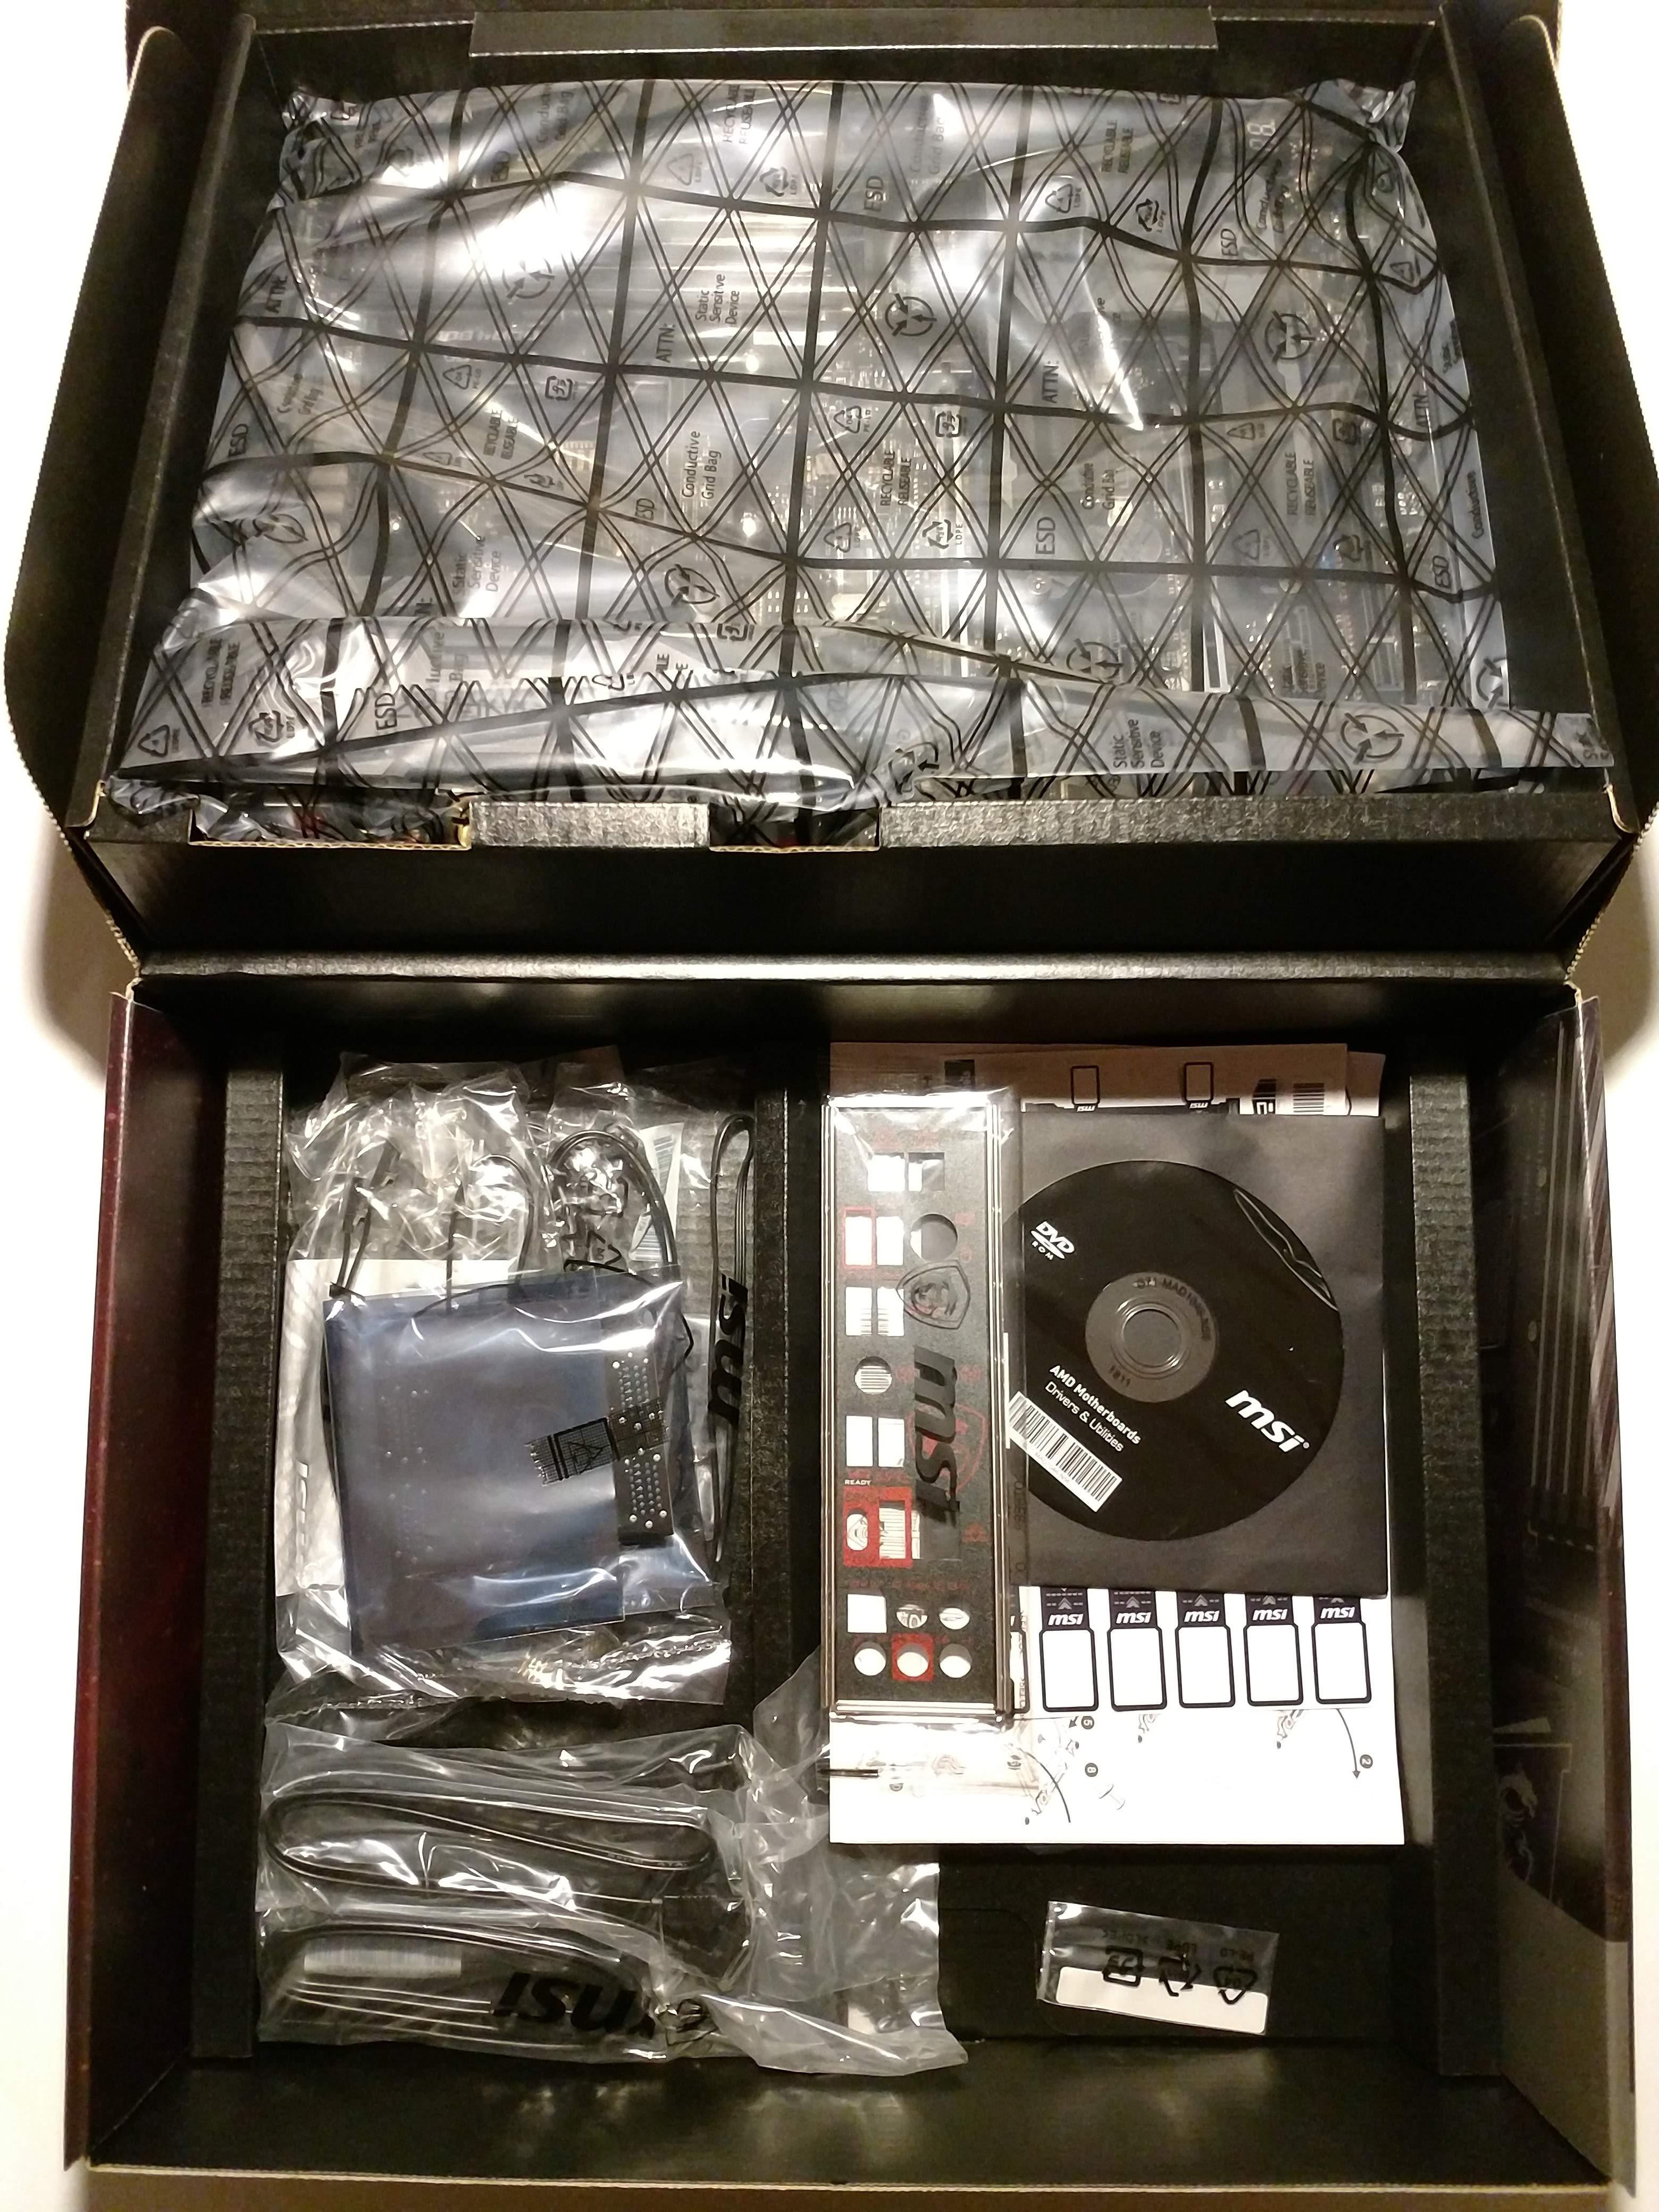 Klicken Sie auf die Grafik für eine größere Ansicht  Name:6. MSI X470 Gaming M7 AC geöffneter Karton mit darunter liegendem Zubehör.jpg Hits:35 Größe:1,70 MB ID:1000577